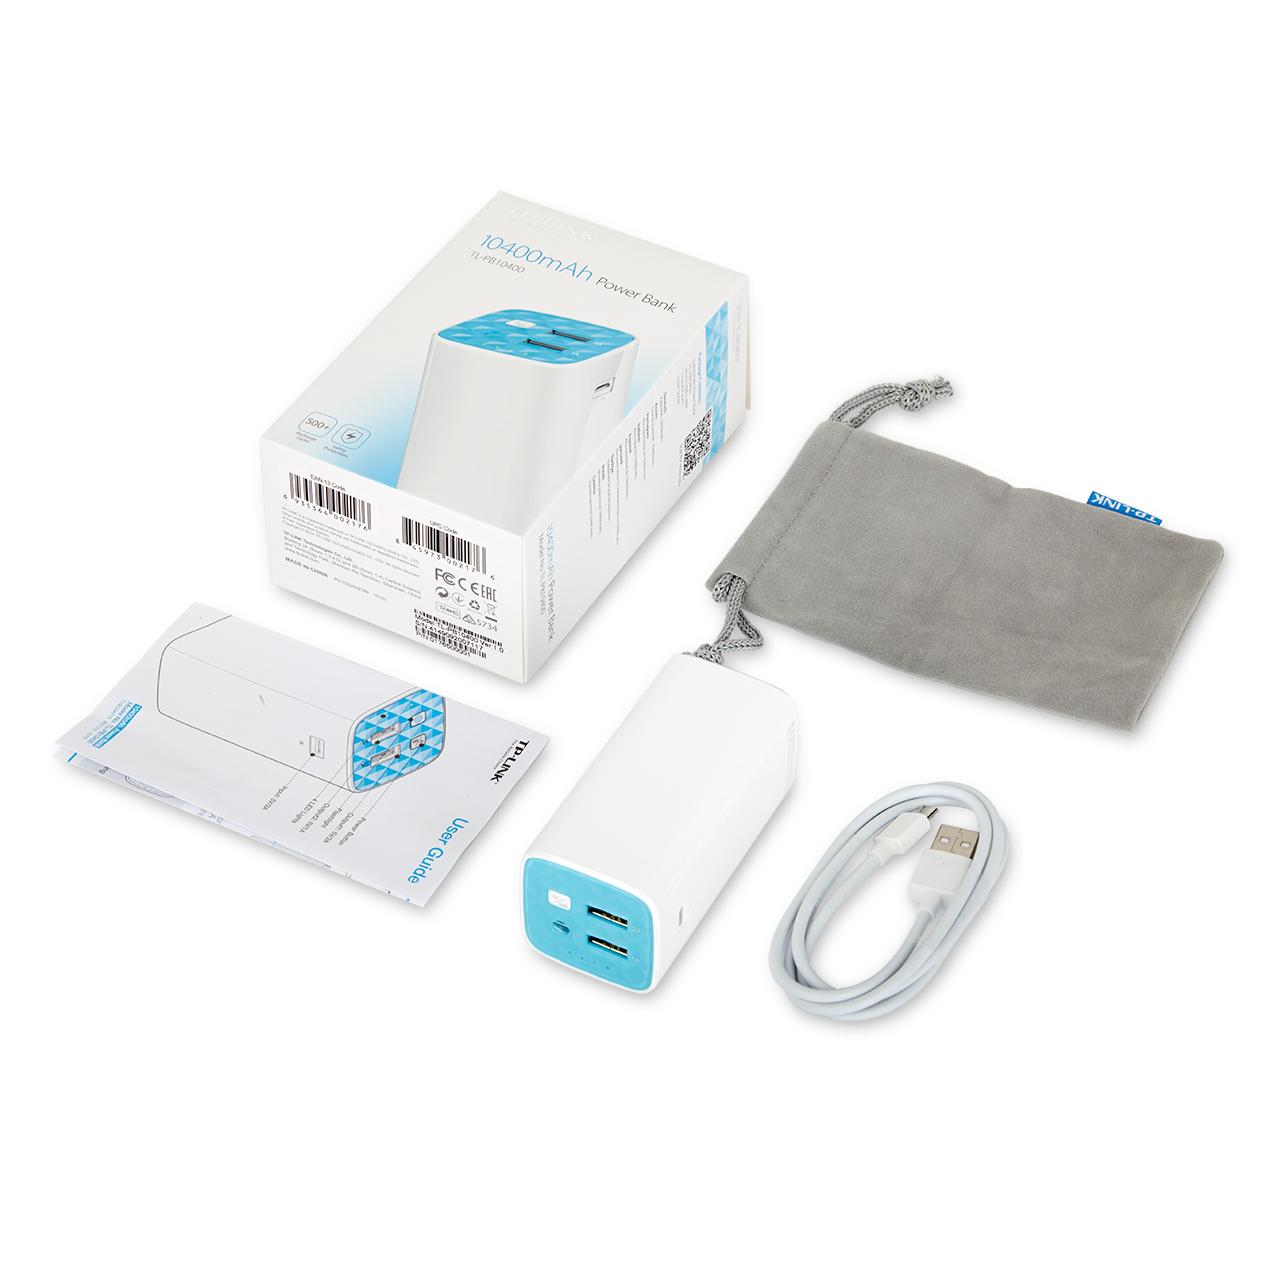 El accesorio ideal para las Navidades: Batería portátil de 10400mAhTL-PB10400